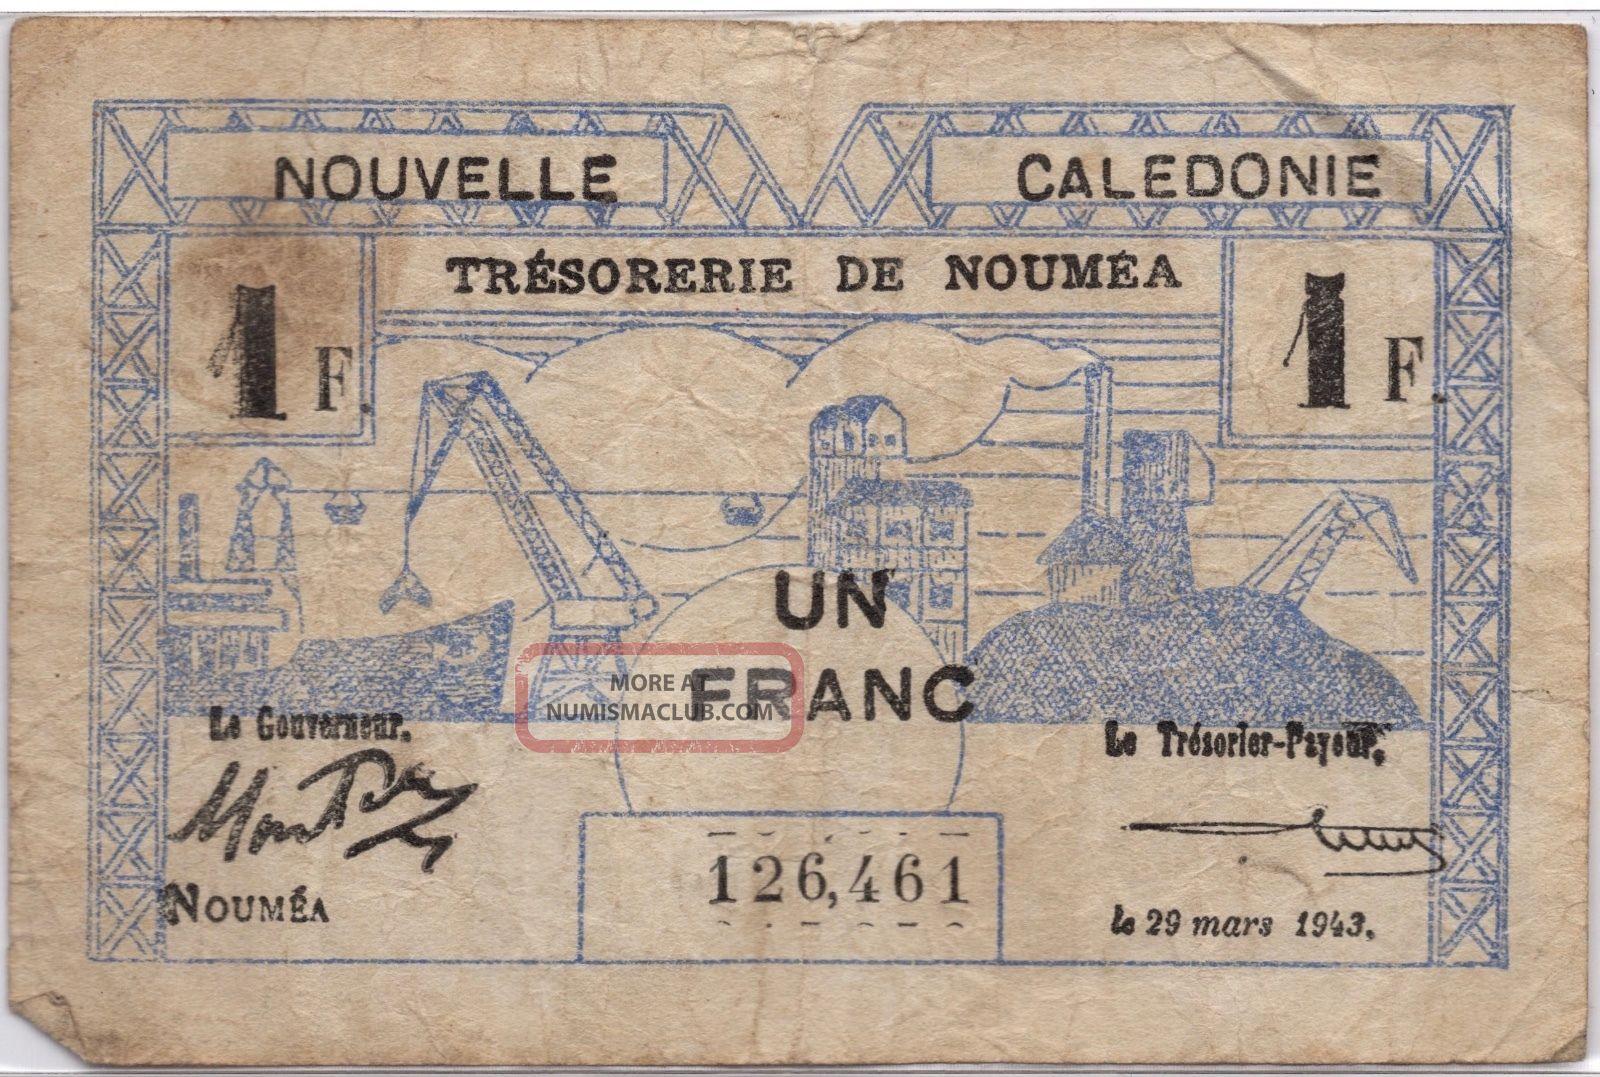 Ww2 Un Franc France Nouvelle Caledonie March 29 1943 Note 1 Australia & Oceania photo